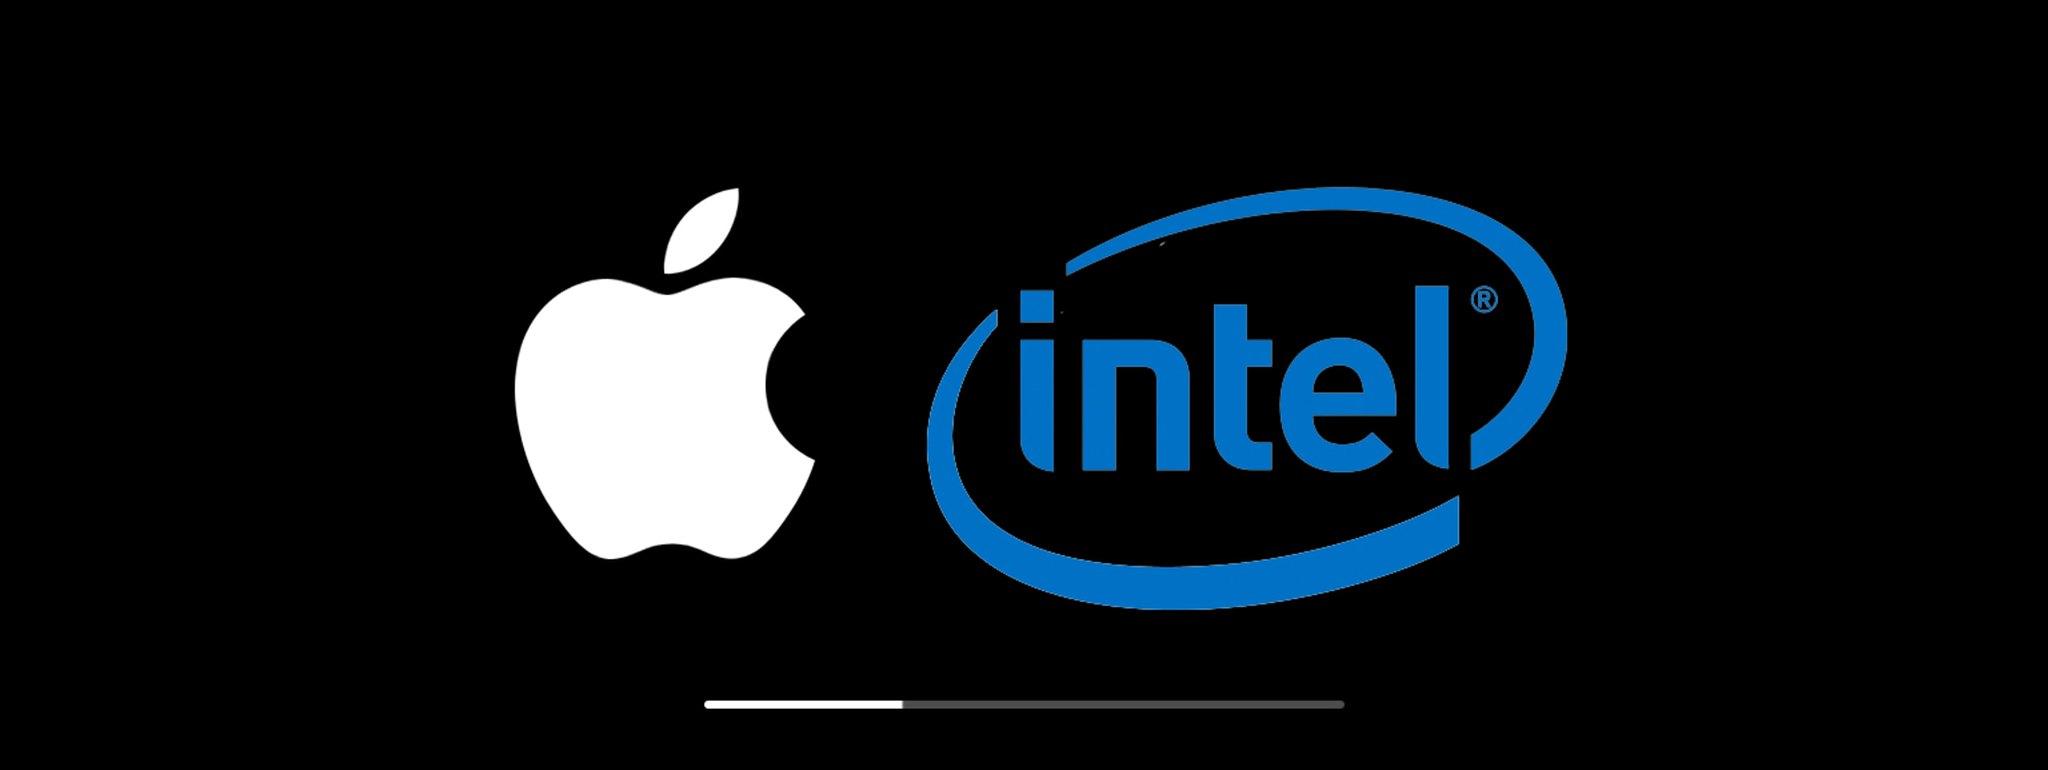 英特爾退出行動數據機市場  蘋果以10億美元收購接手劍指5G市場